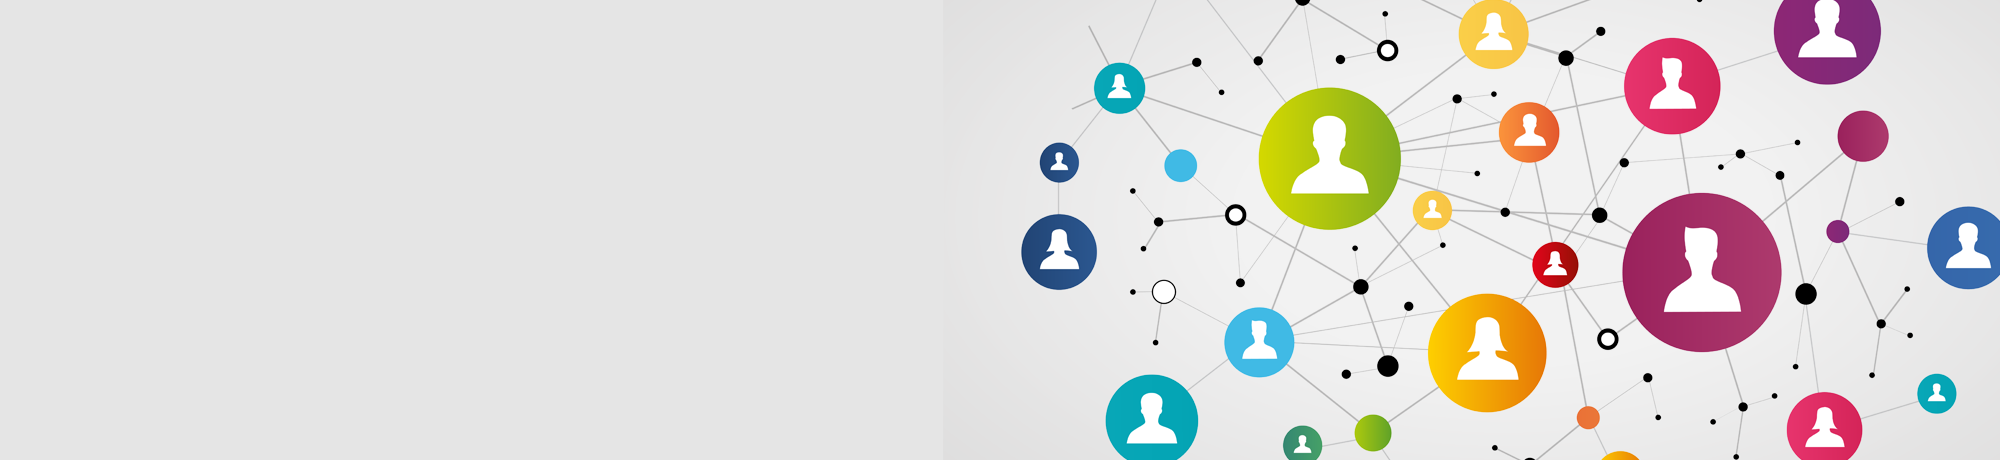 Wissensaustauch und Vernetzung in der Compliance-Welt